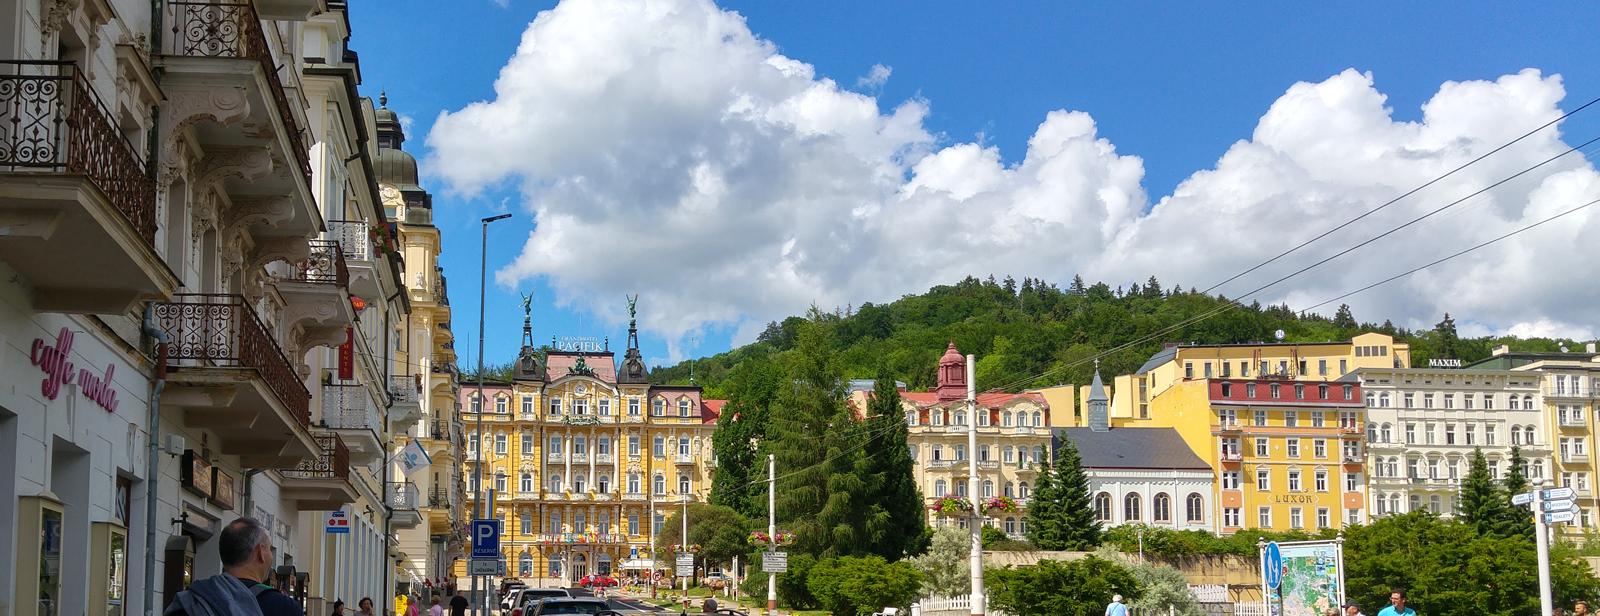 Von München nach Marienbad - Beschauliches Böhmen